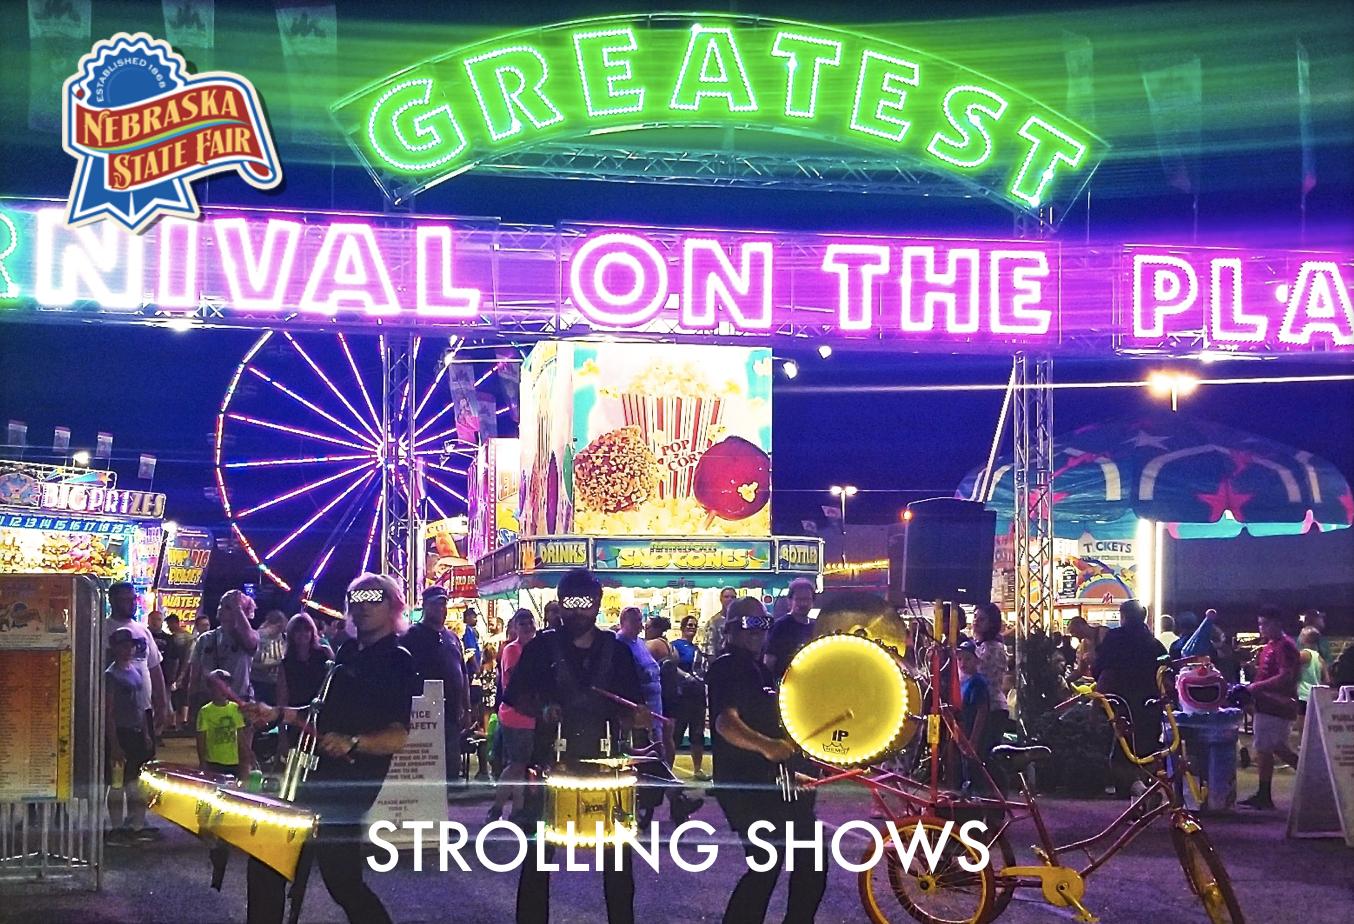 Fair Strolling Shows